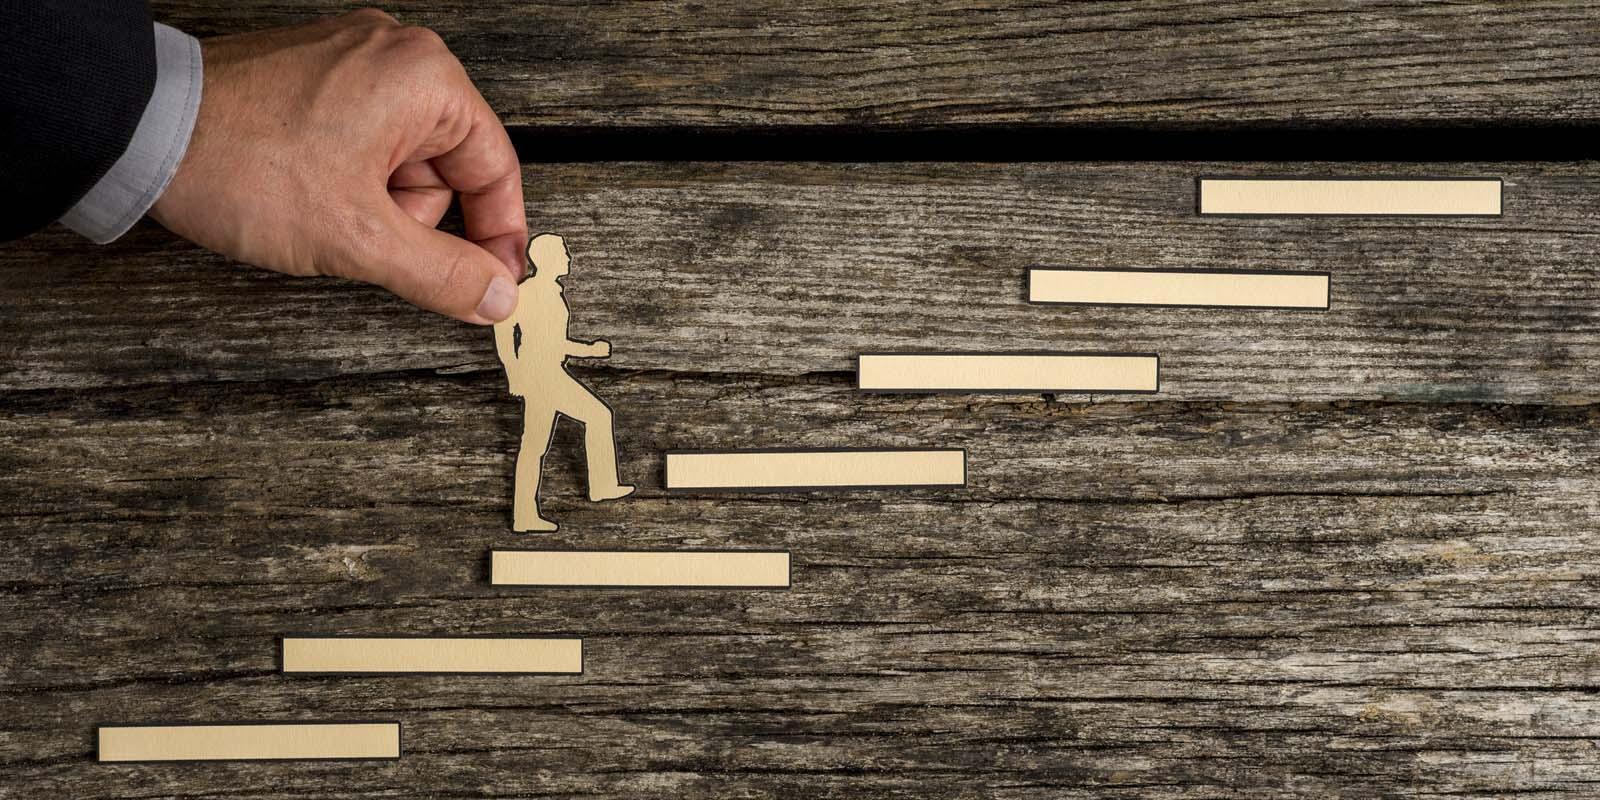 Így növeld az esélyeidet a sikeres álláskeresés érdekében!